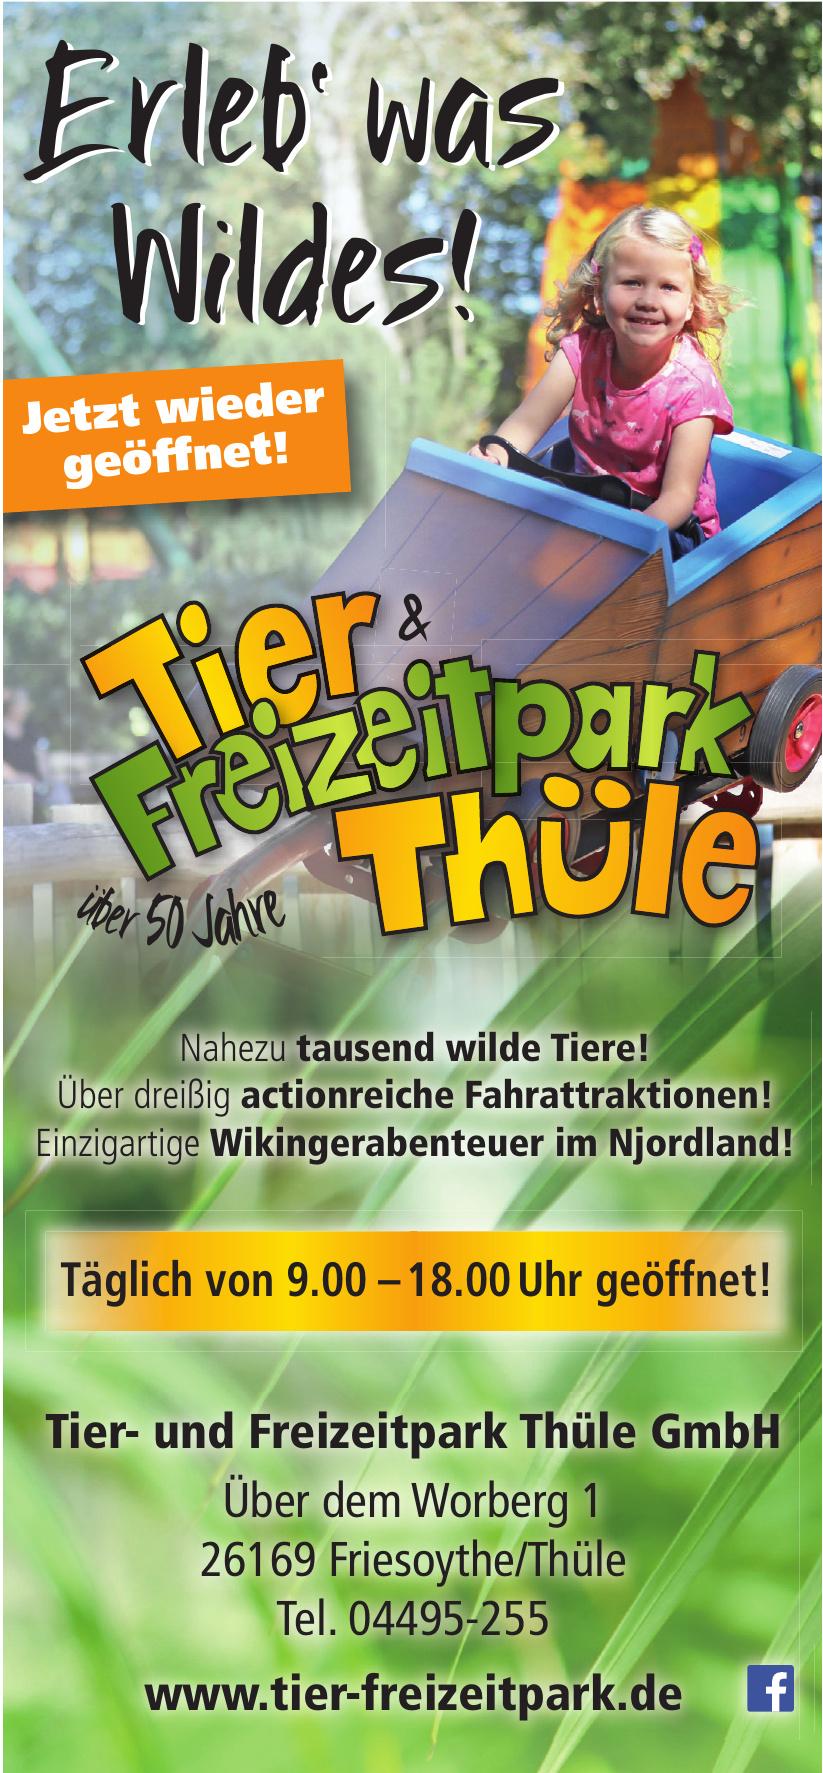 Tier- und Freizeitpark Thüle GmbH